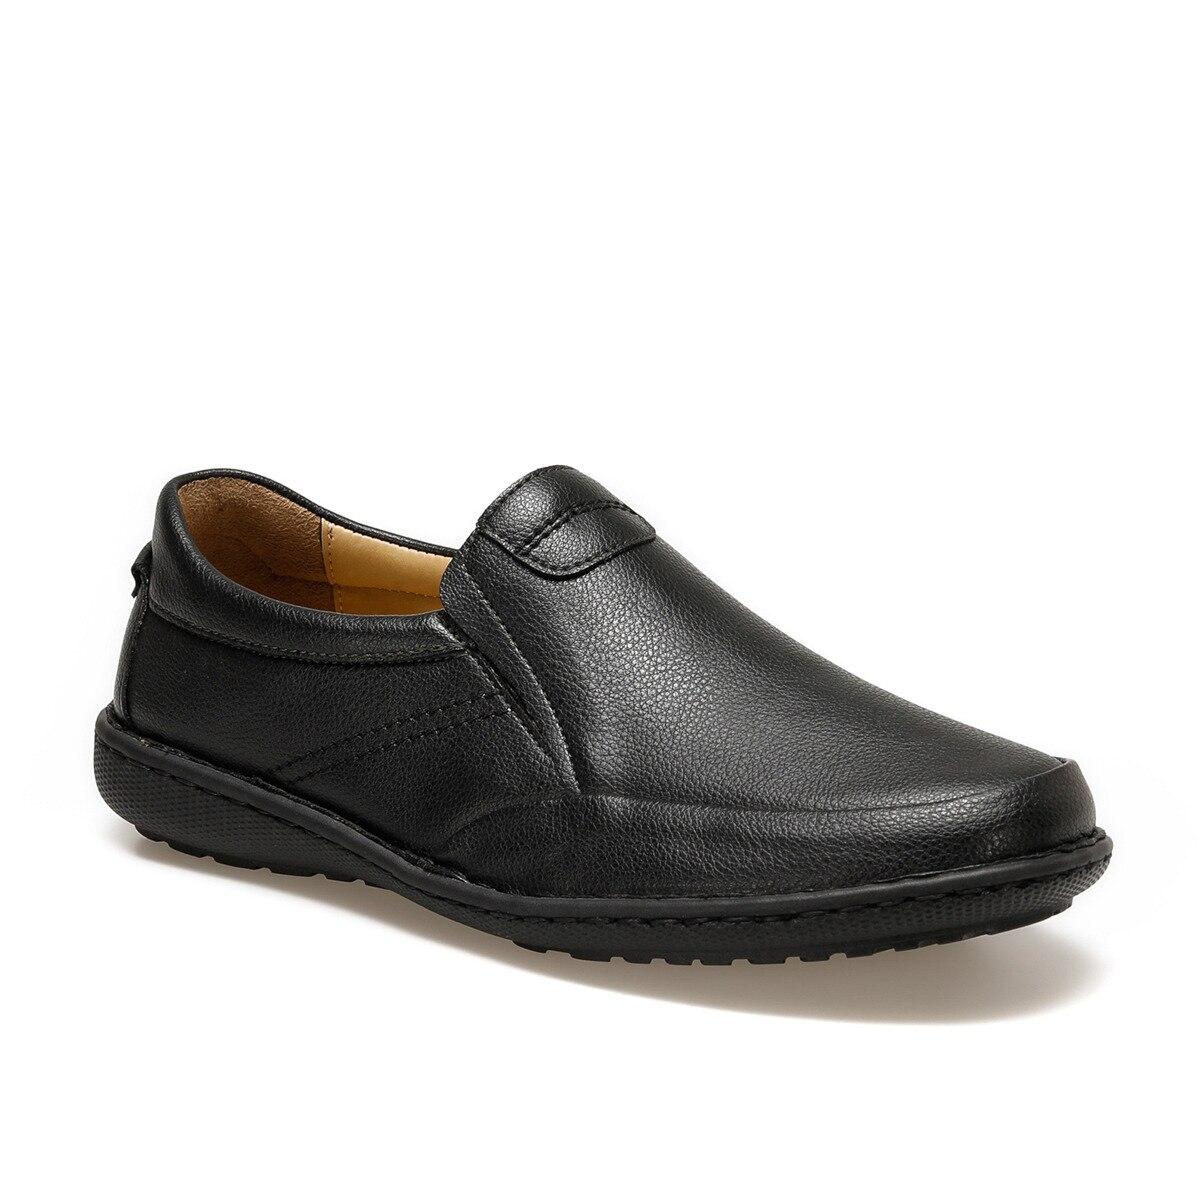 FLO AL-7 Black Men 'S Classic Shoes Flexall